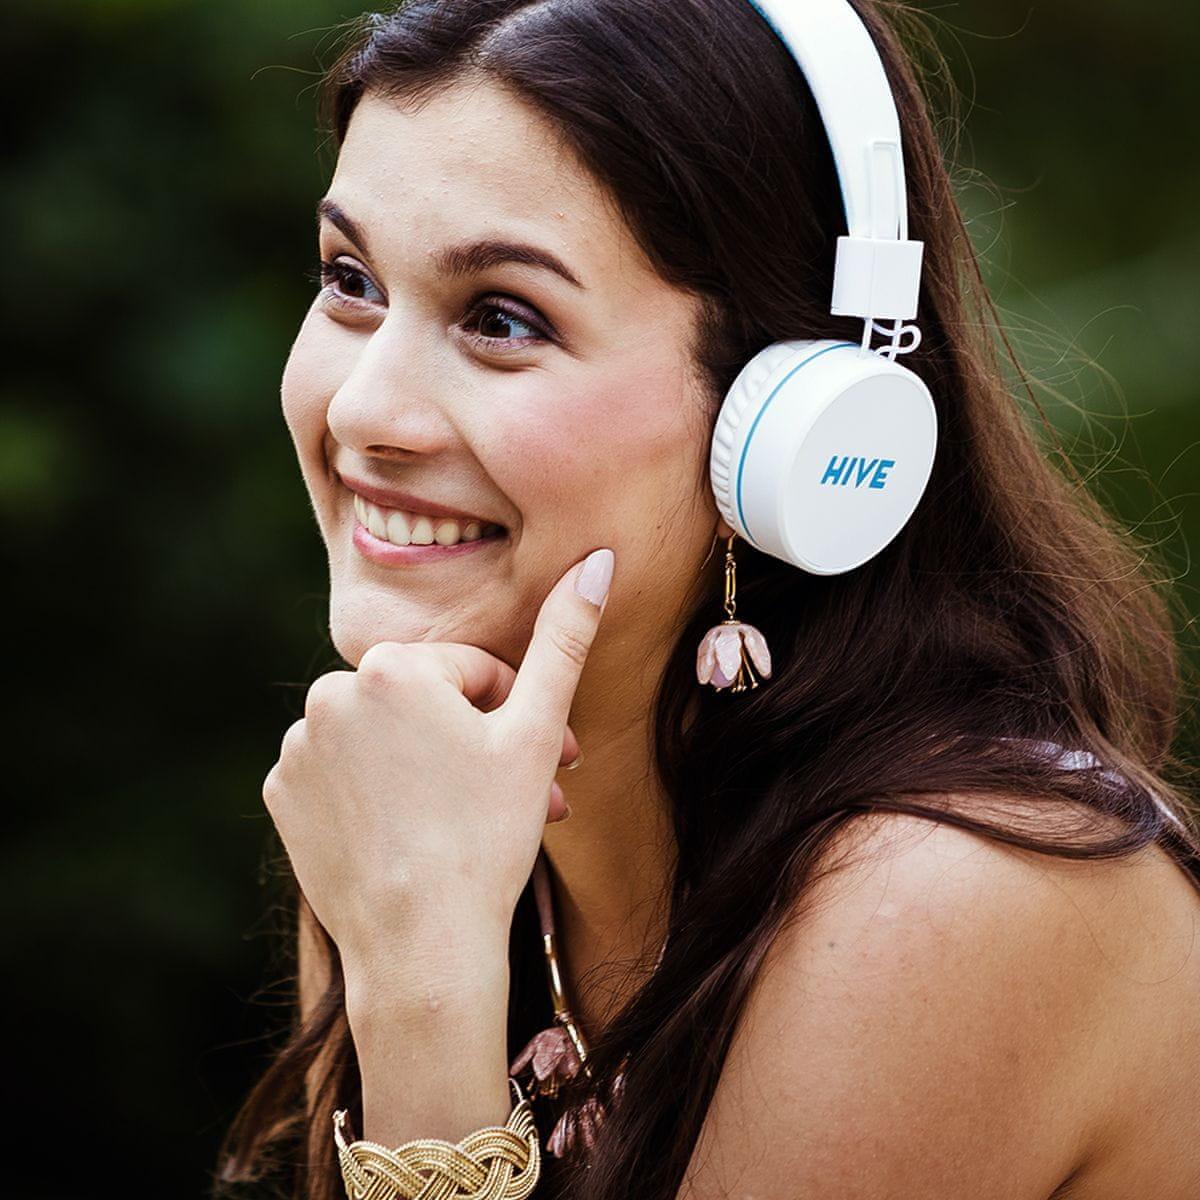 vezeték nélküli Niceboy HIVE fejhallgató kiváló hangzású fejhallgató és fülhallgató